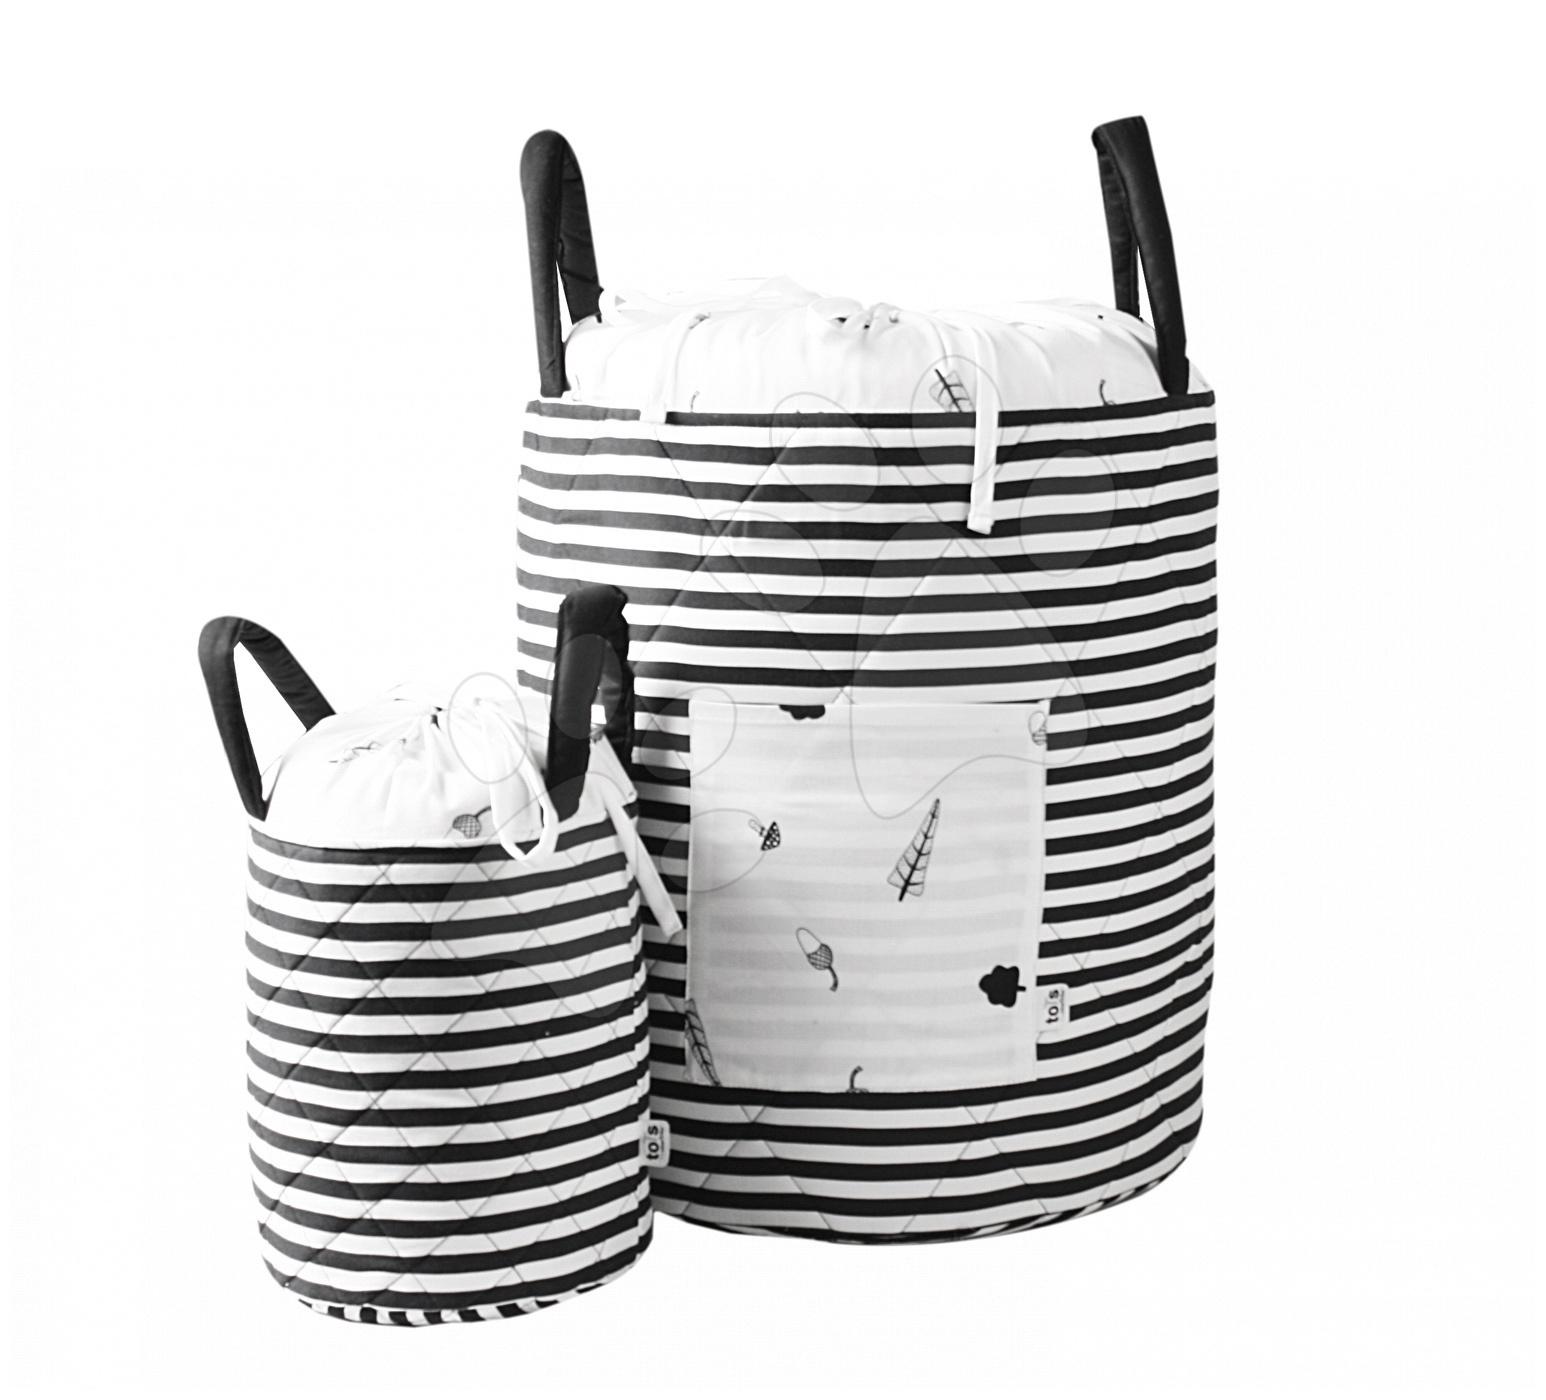 Košík Stromy Bamboo toTs-smarTrike Black&White textilní, bambusové hedvábí a satén 45*40 cm